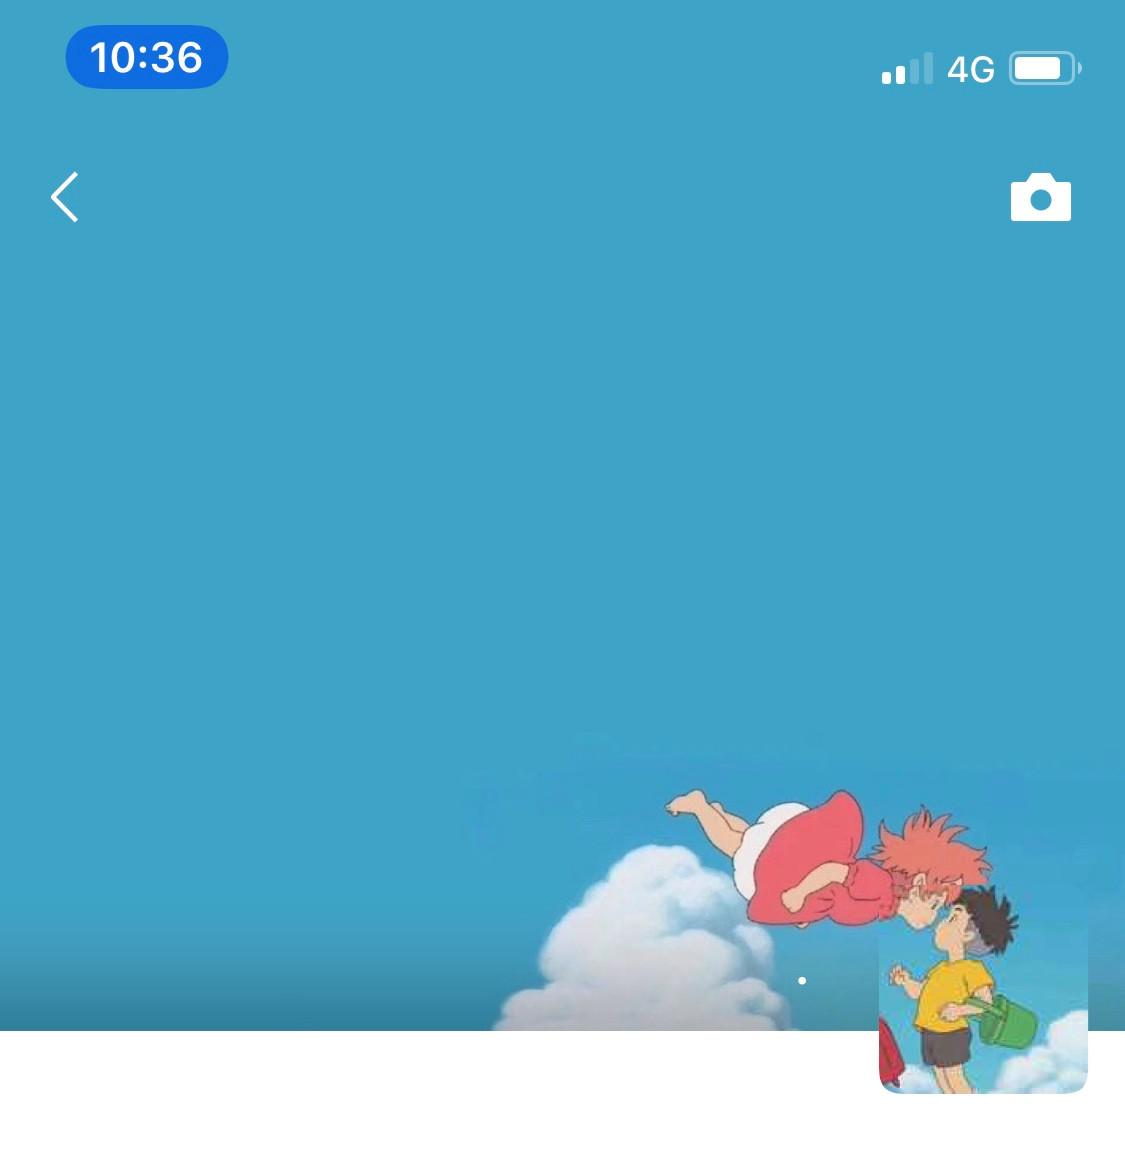 微信朋友圈波妞宗介情侣头像背景套图